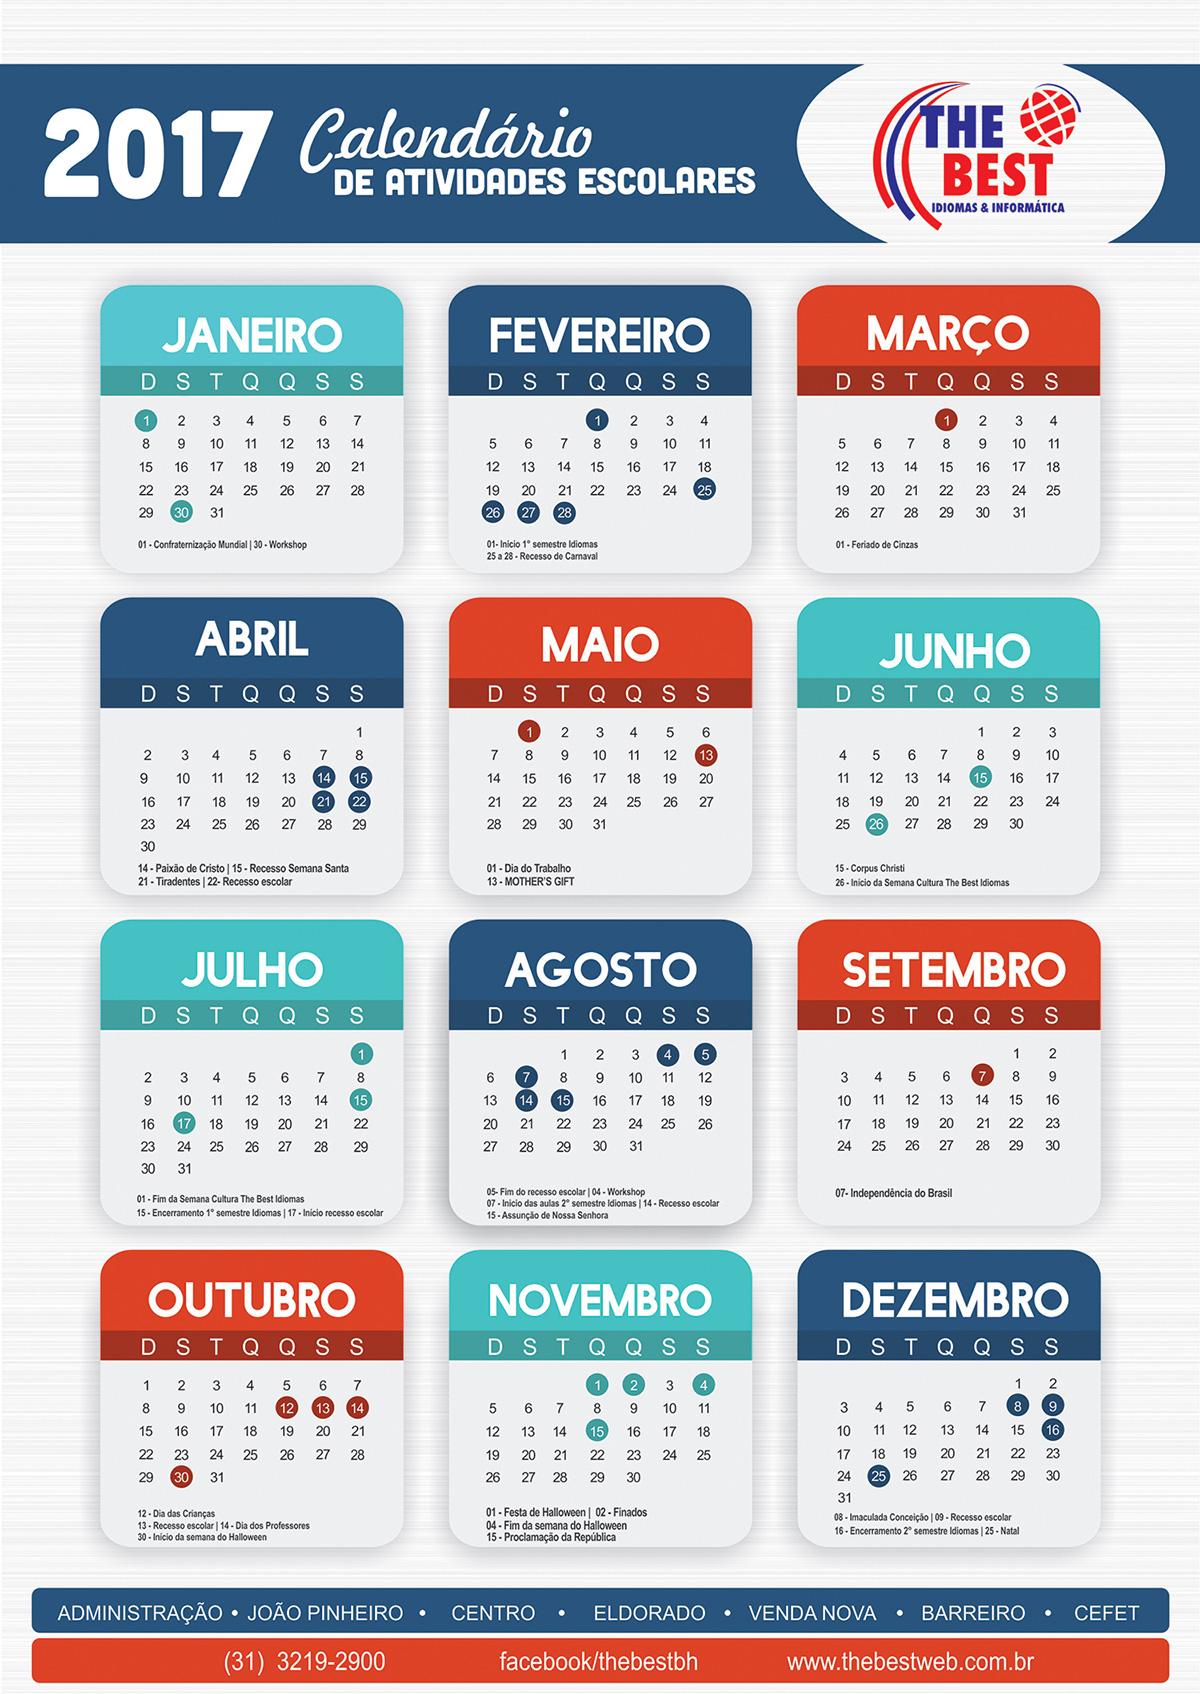 THE-BEST-Calendário-2017-atividades-escolares_WEB_OK